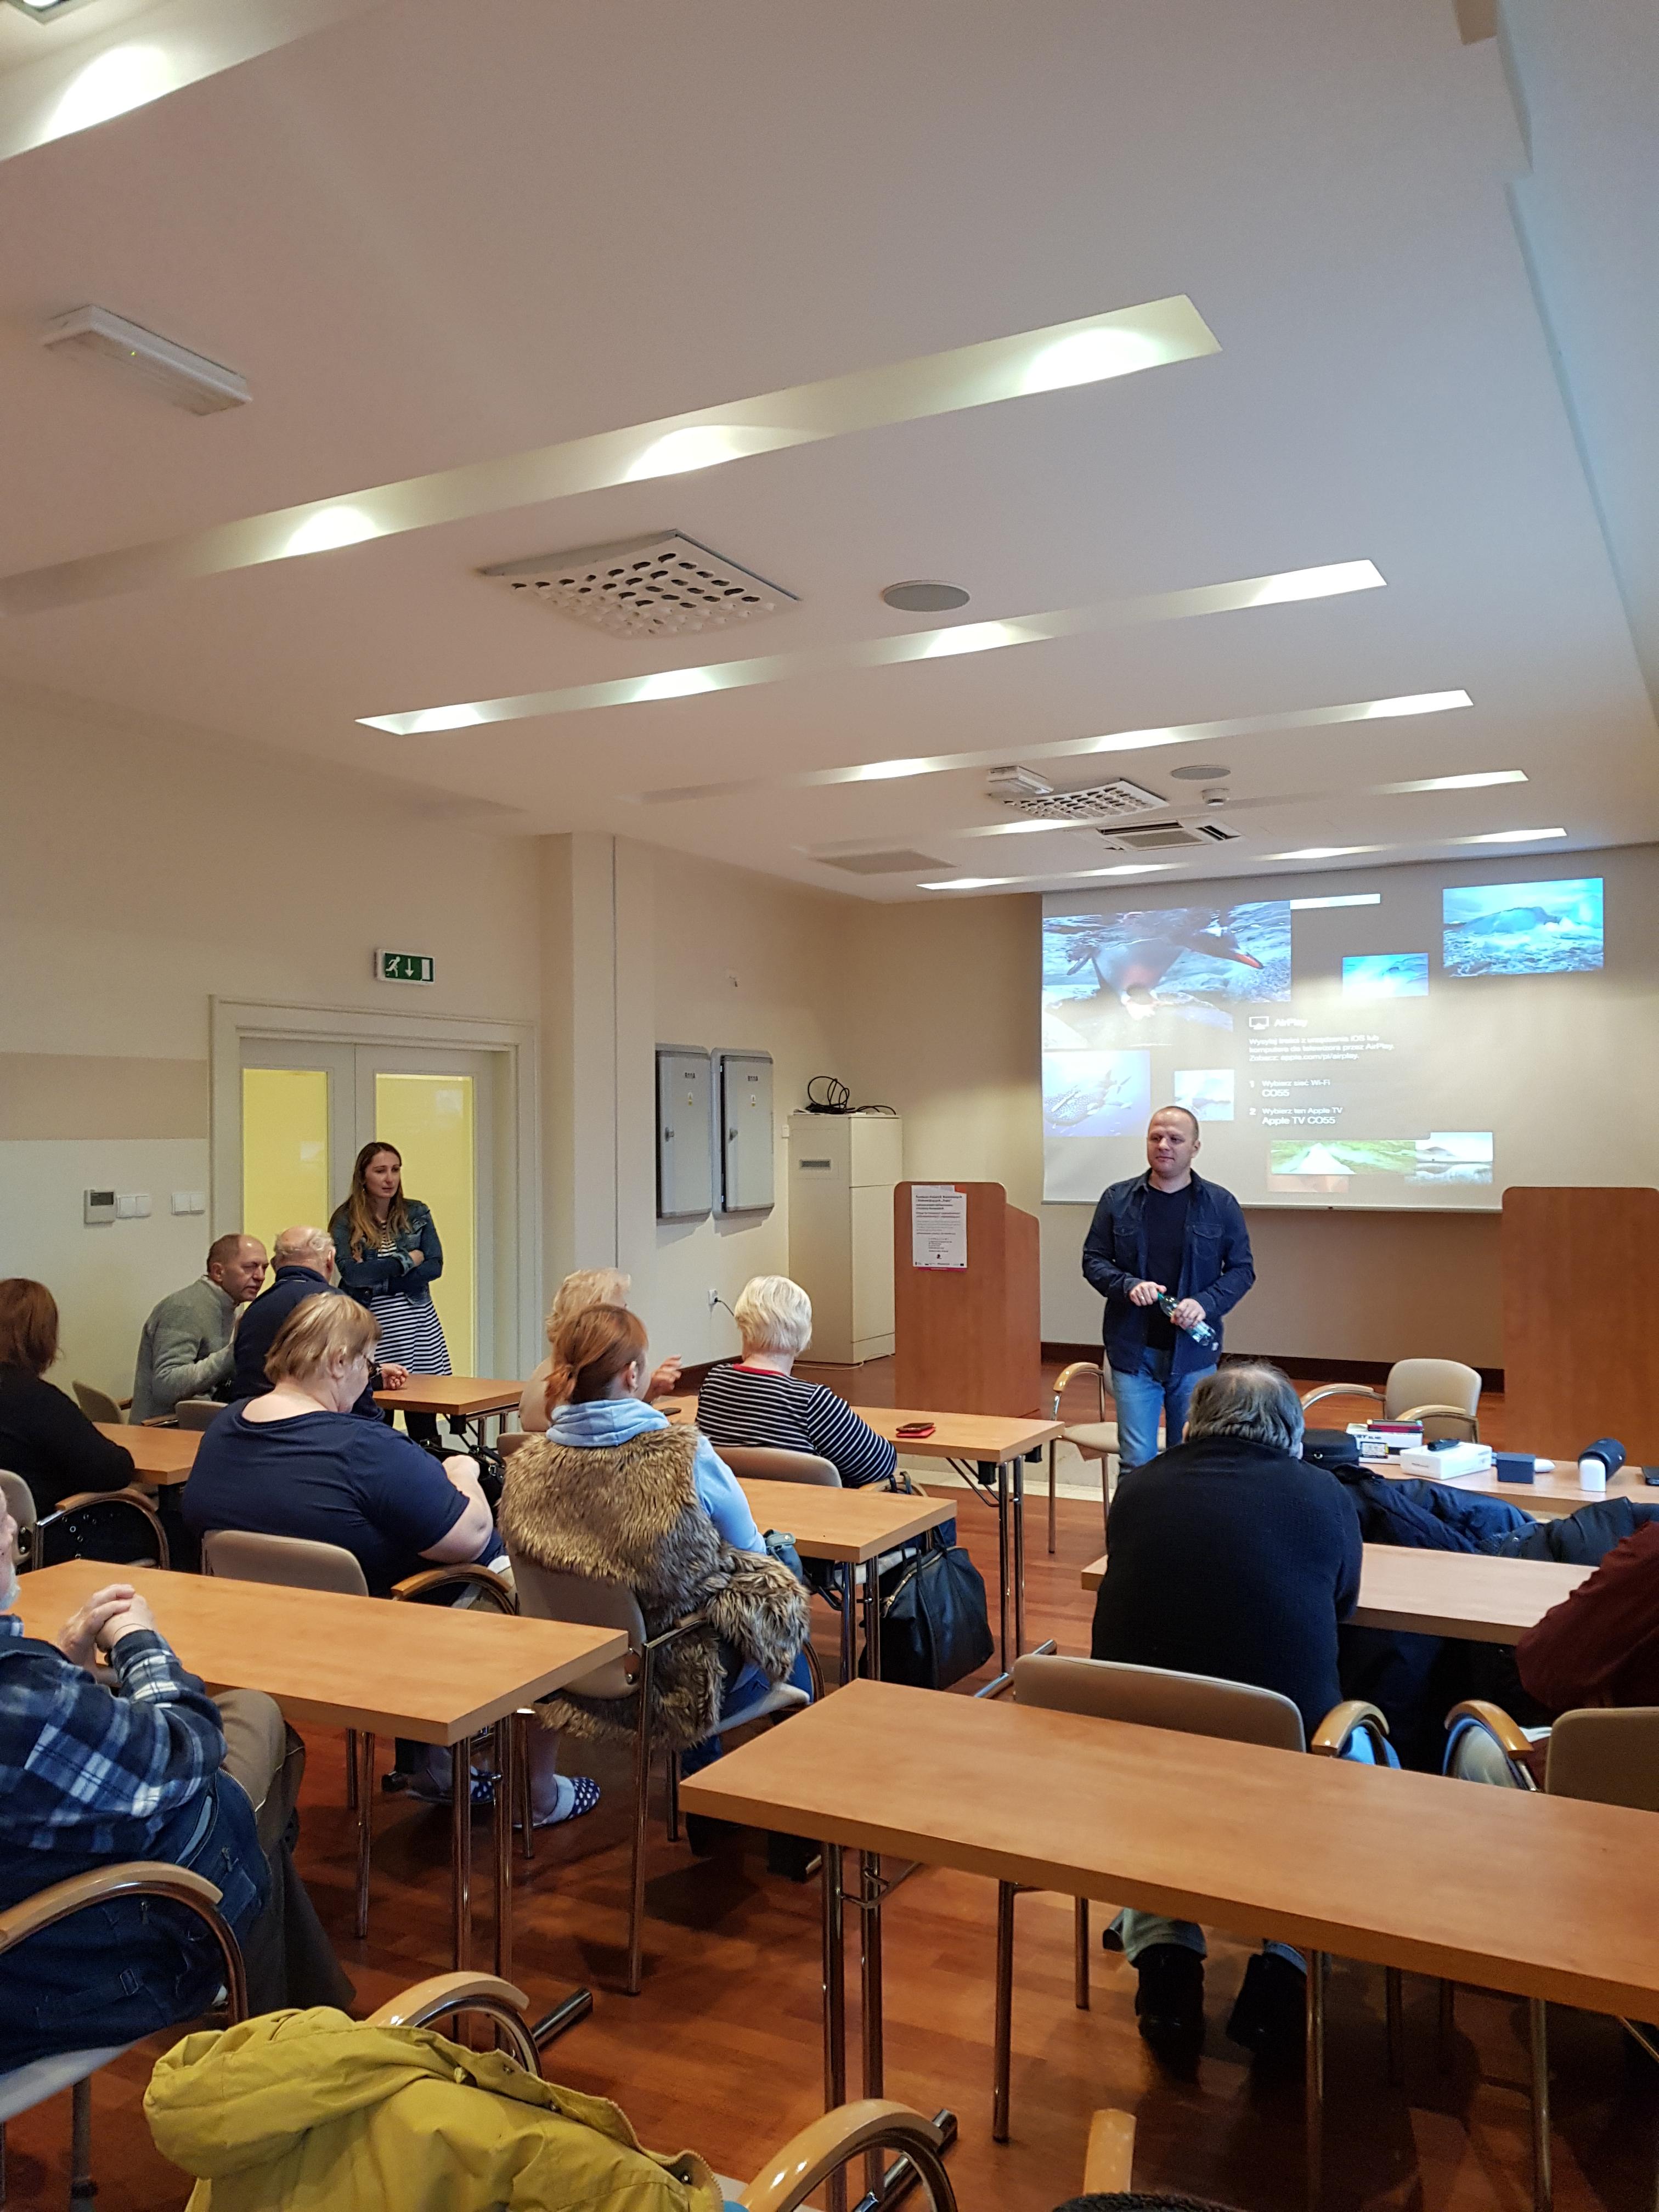 Uczestnicy zjazdu podczas pierwszego dnia zajęć z obsługi smartfonów zgromadzeni w sali konferencyjnej z układem stołów jak w sali szkolnej, z przodu para mieszana szkoleniowców podczas prezentacji, w tle widoczny duży wyświetlacz ścienny